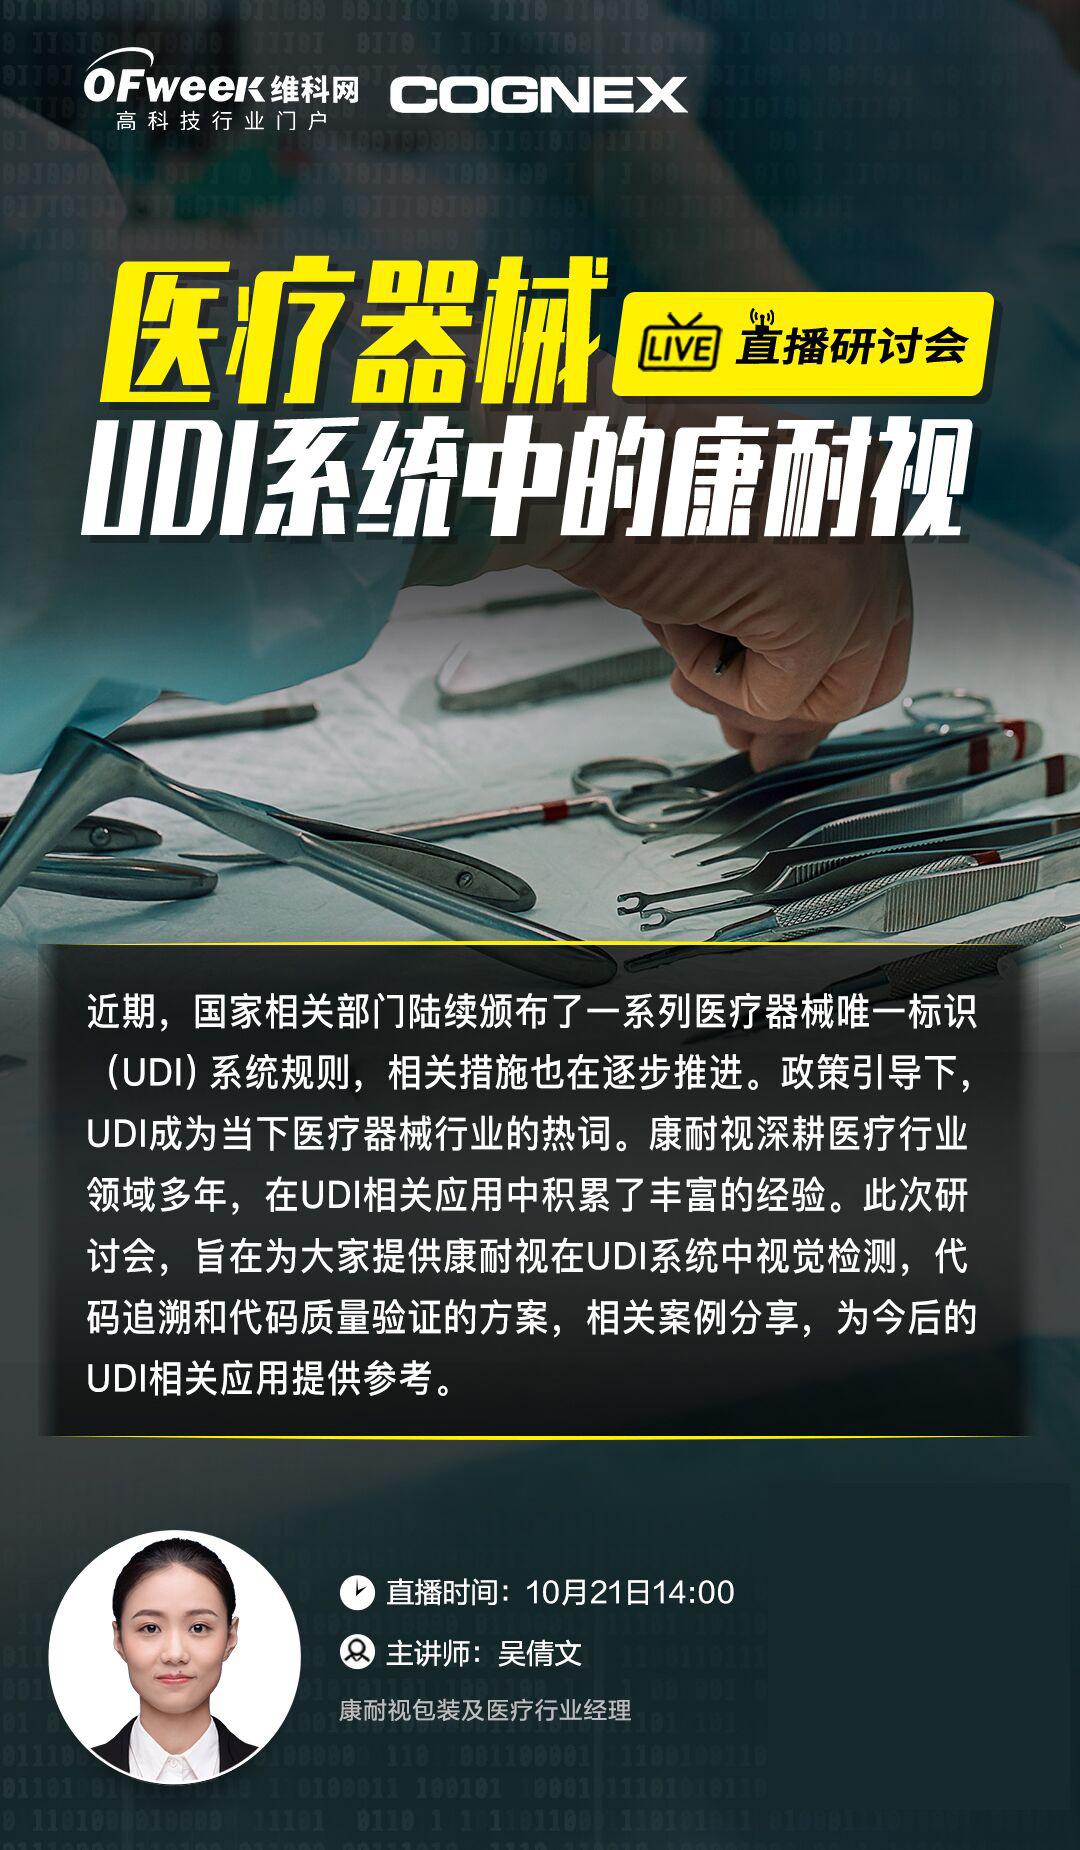 医疗器械UDI系统中的康耐视在线研讨会